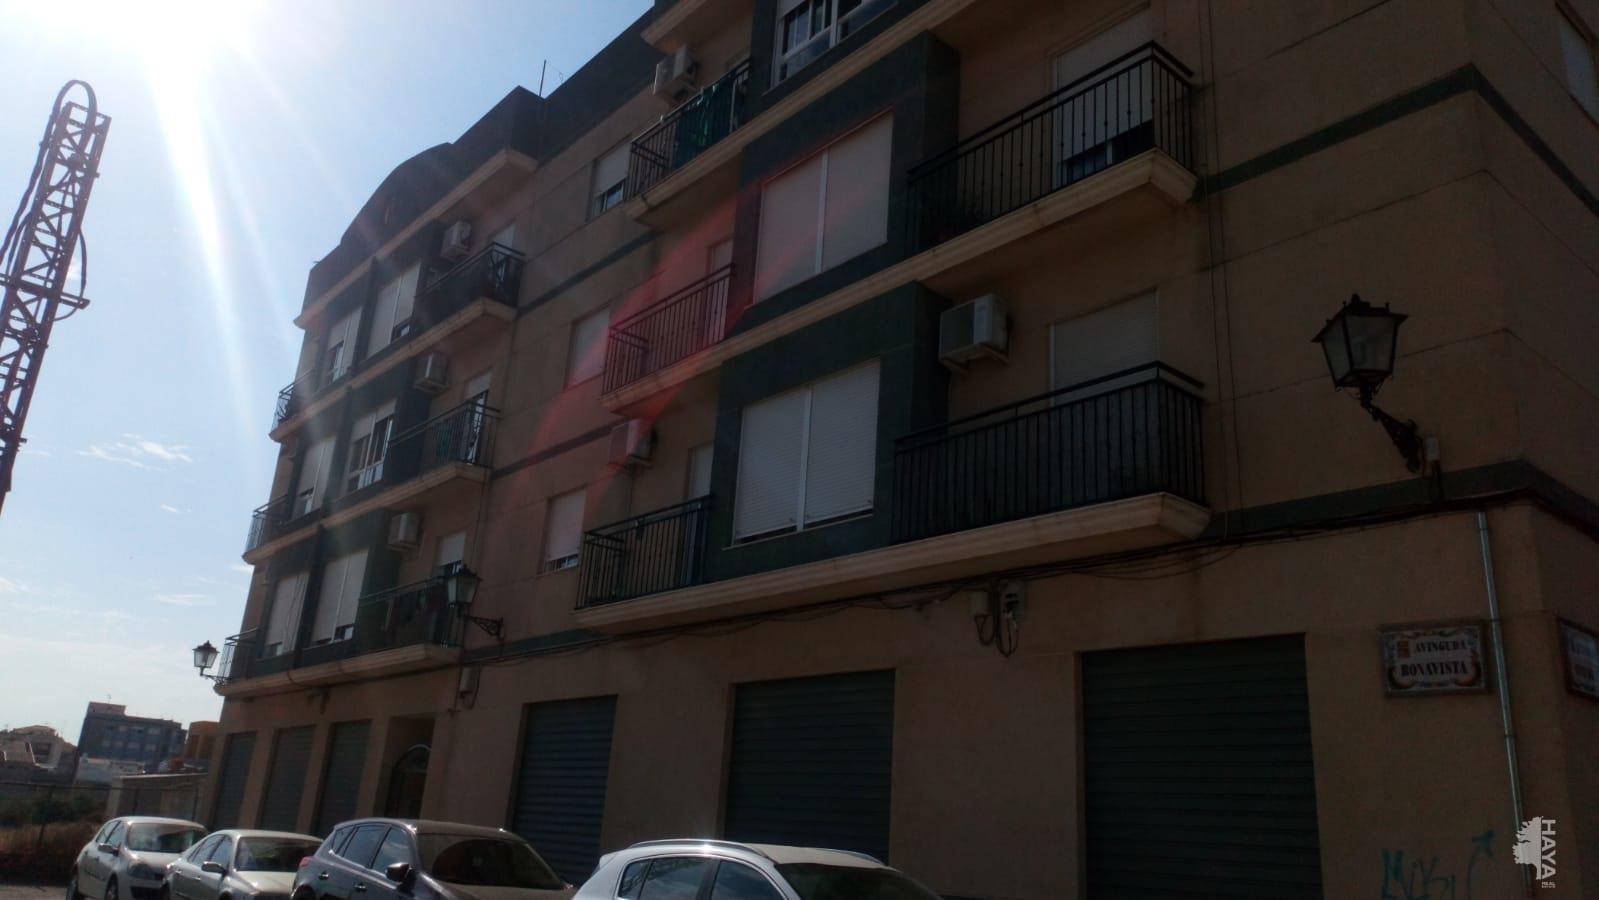 Piso en venta en Alcàsser, Alcàsser, Valencia, Avenida Buena Vista, 81.212 €, 3 habitaciones, 1 baño, 103 m2